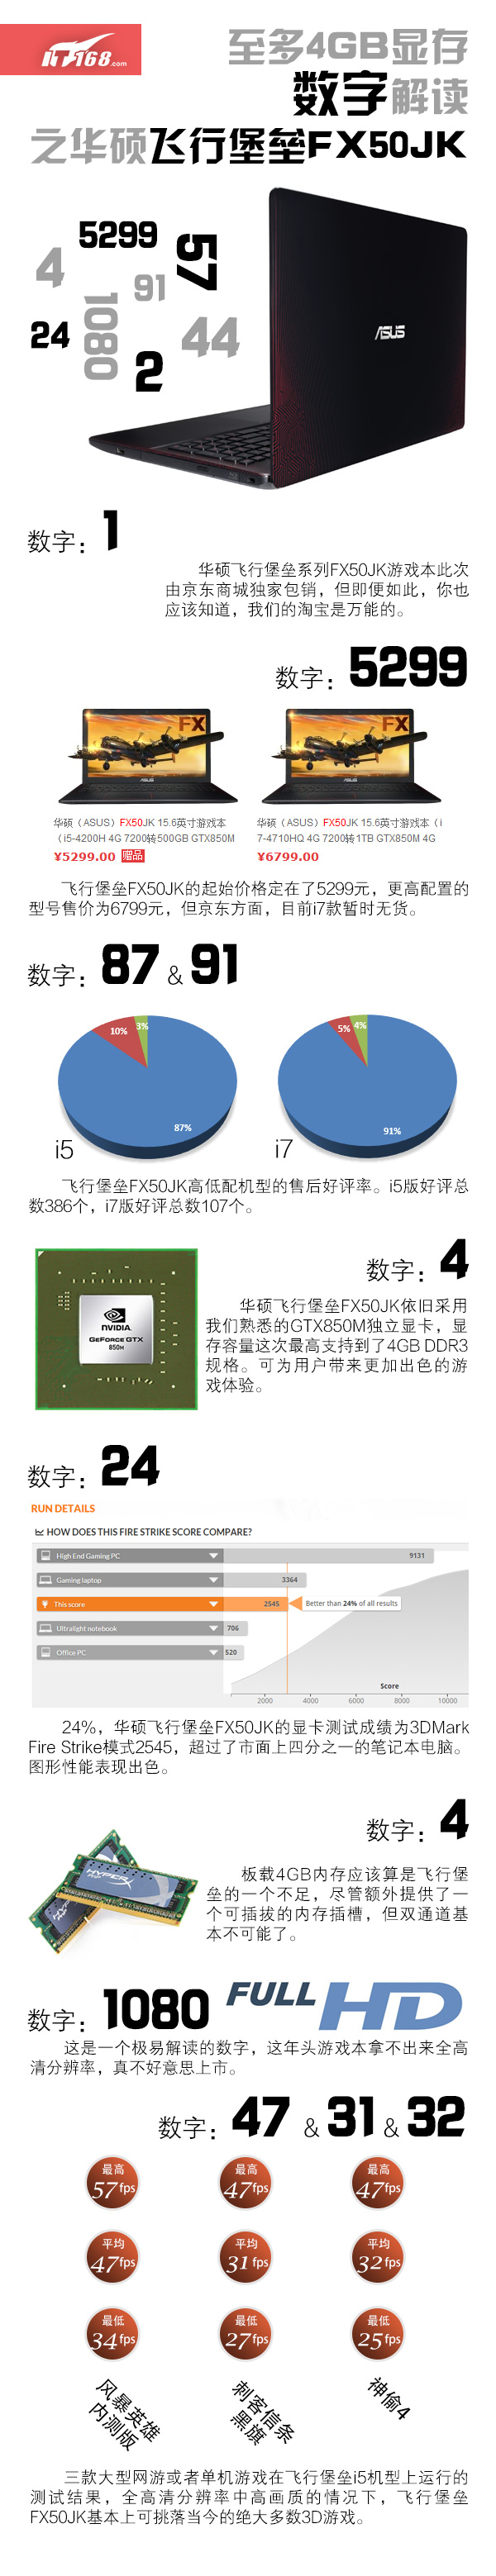 至多4GB显存 数字解读华硕飞行堡垒FX50